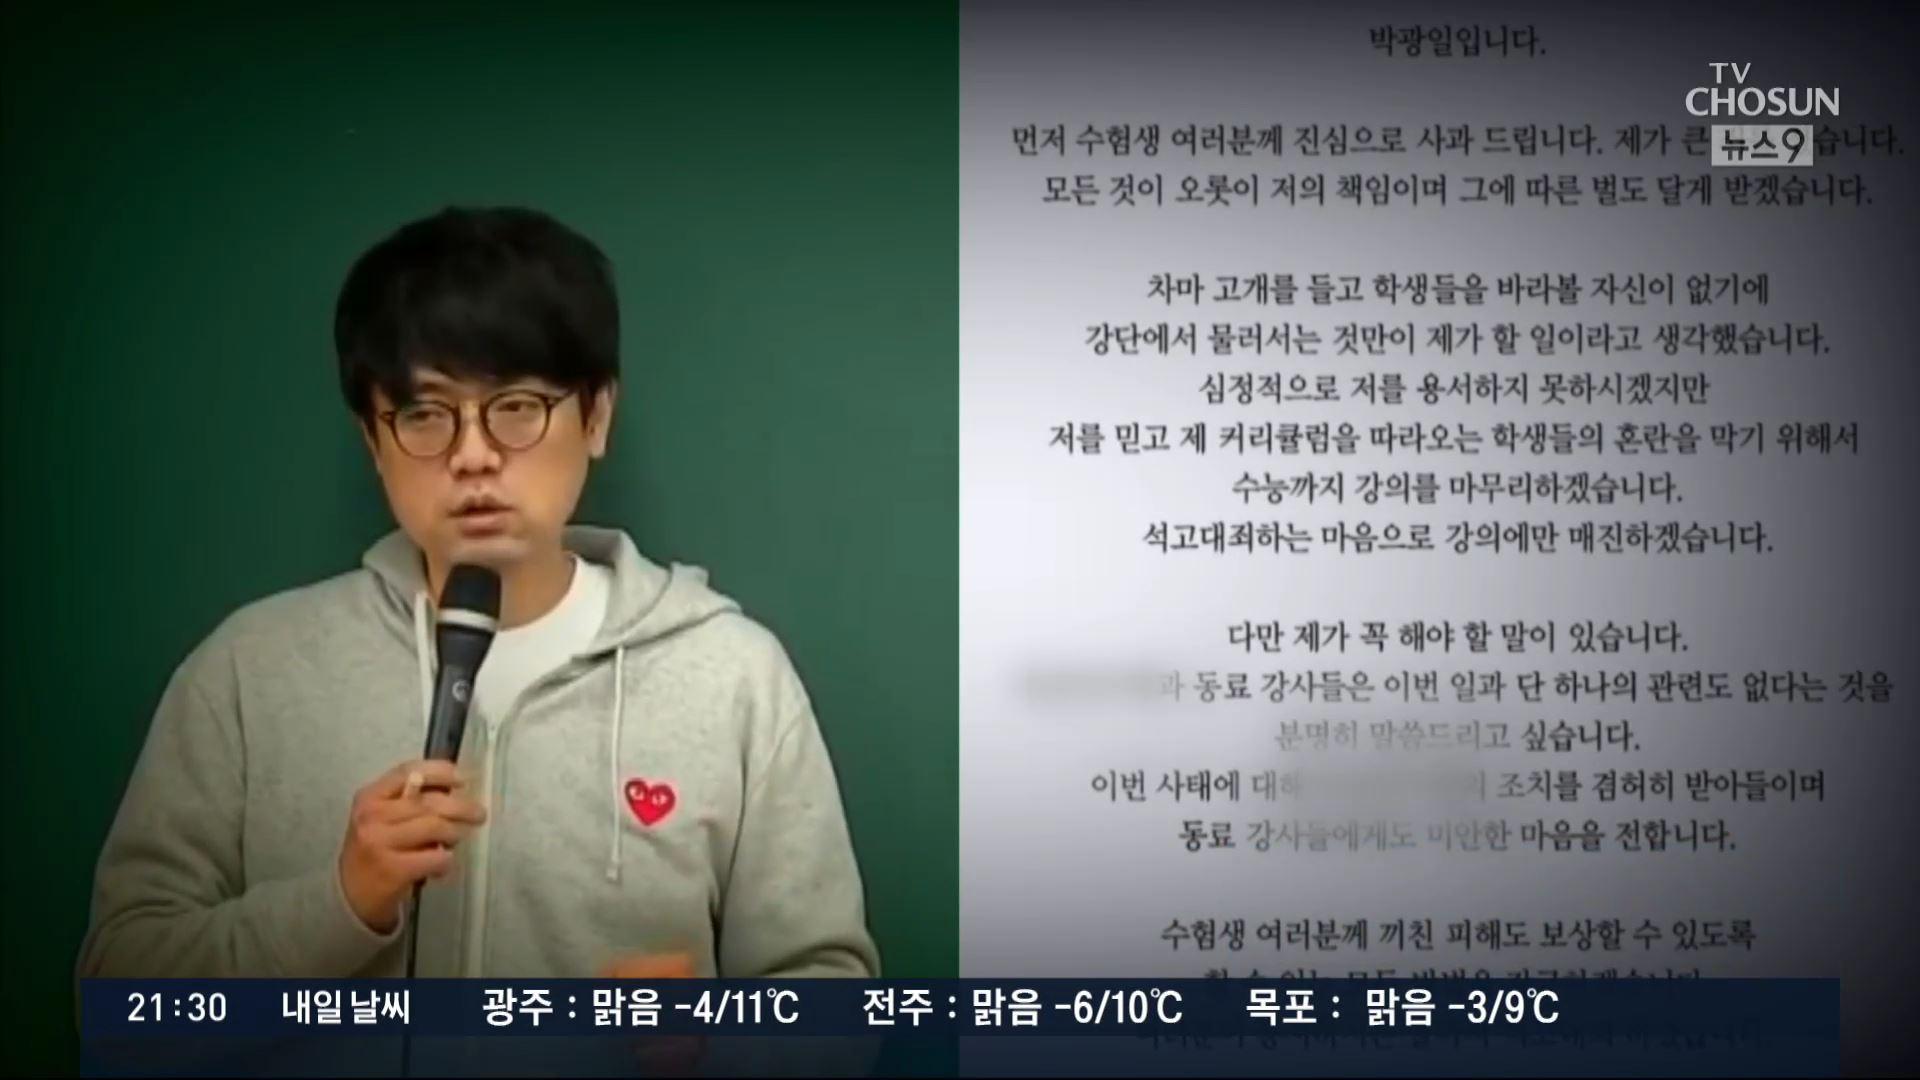 아이디 수백개로 경쟁 강사 비방 댓글…수능 '1타 강사' 구속